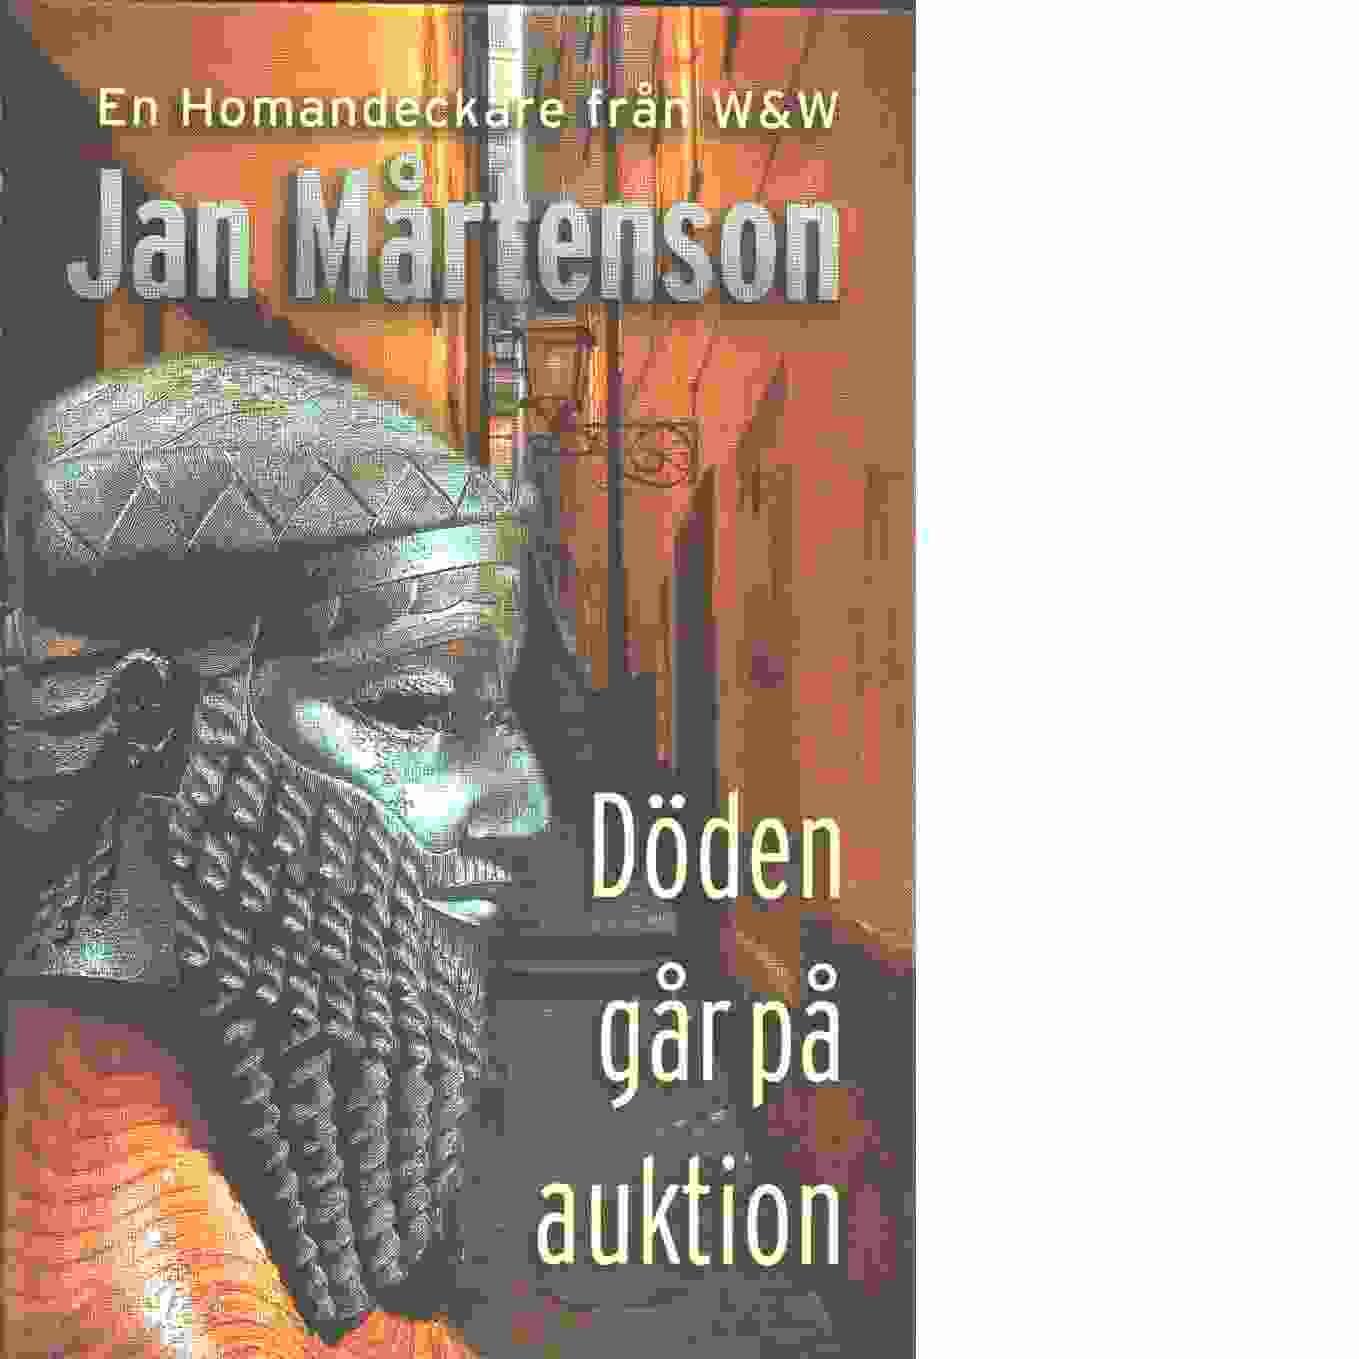 Döden går på auktion - Mårtenson, Jan